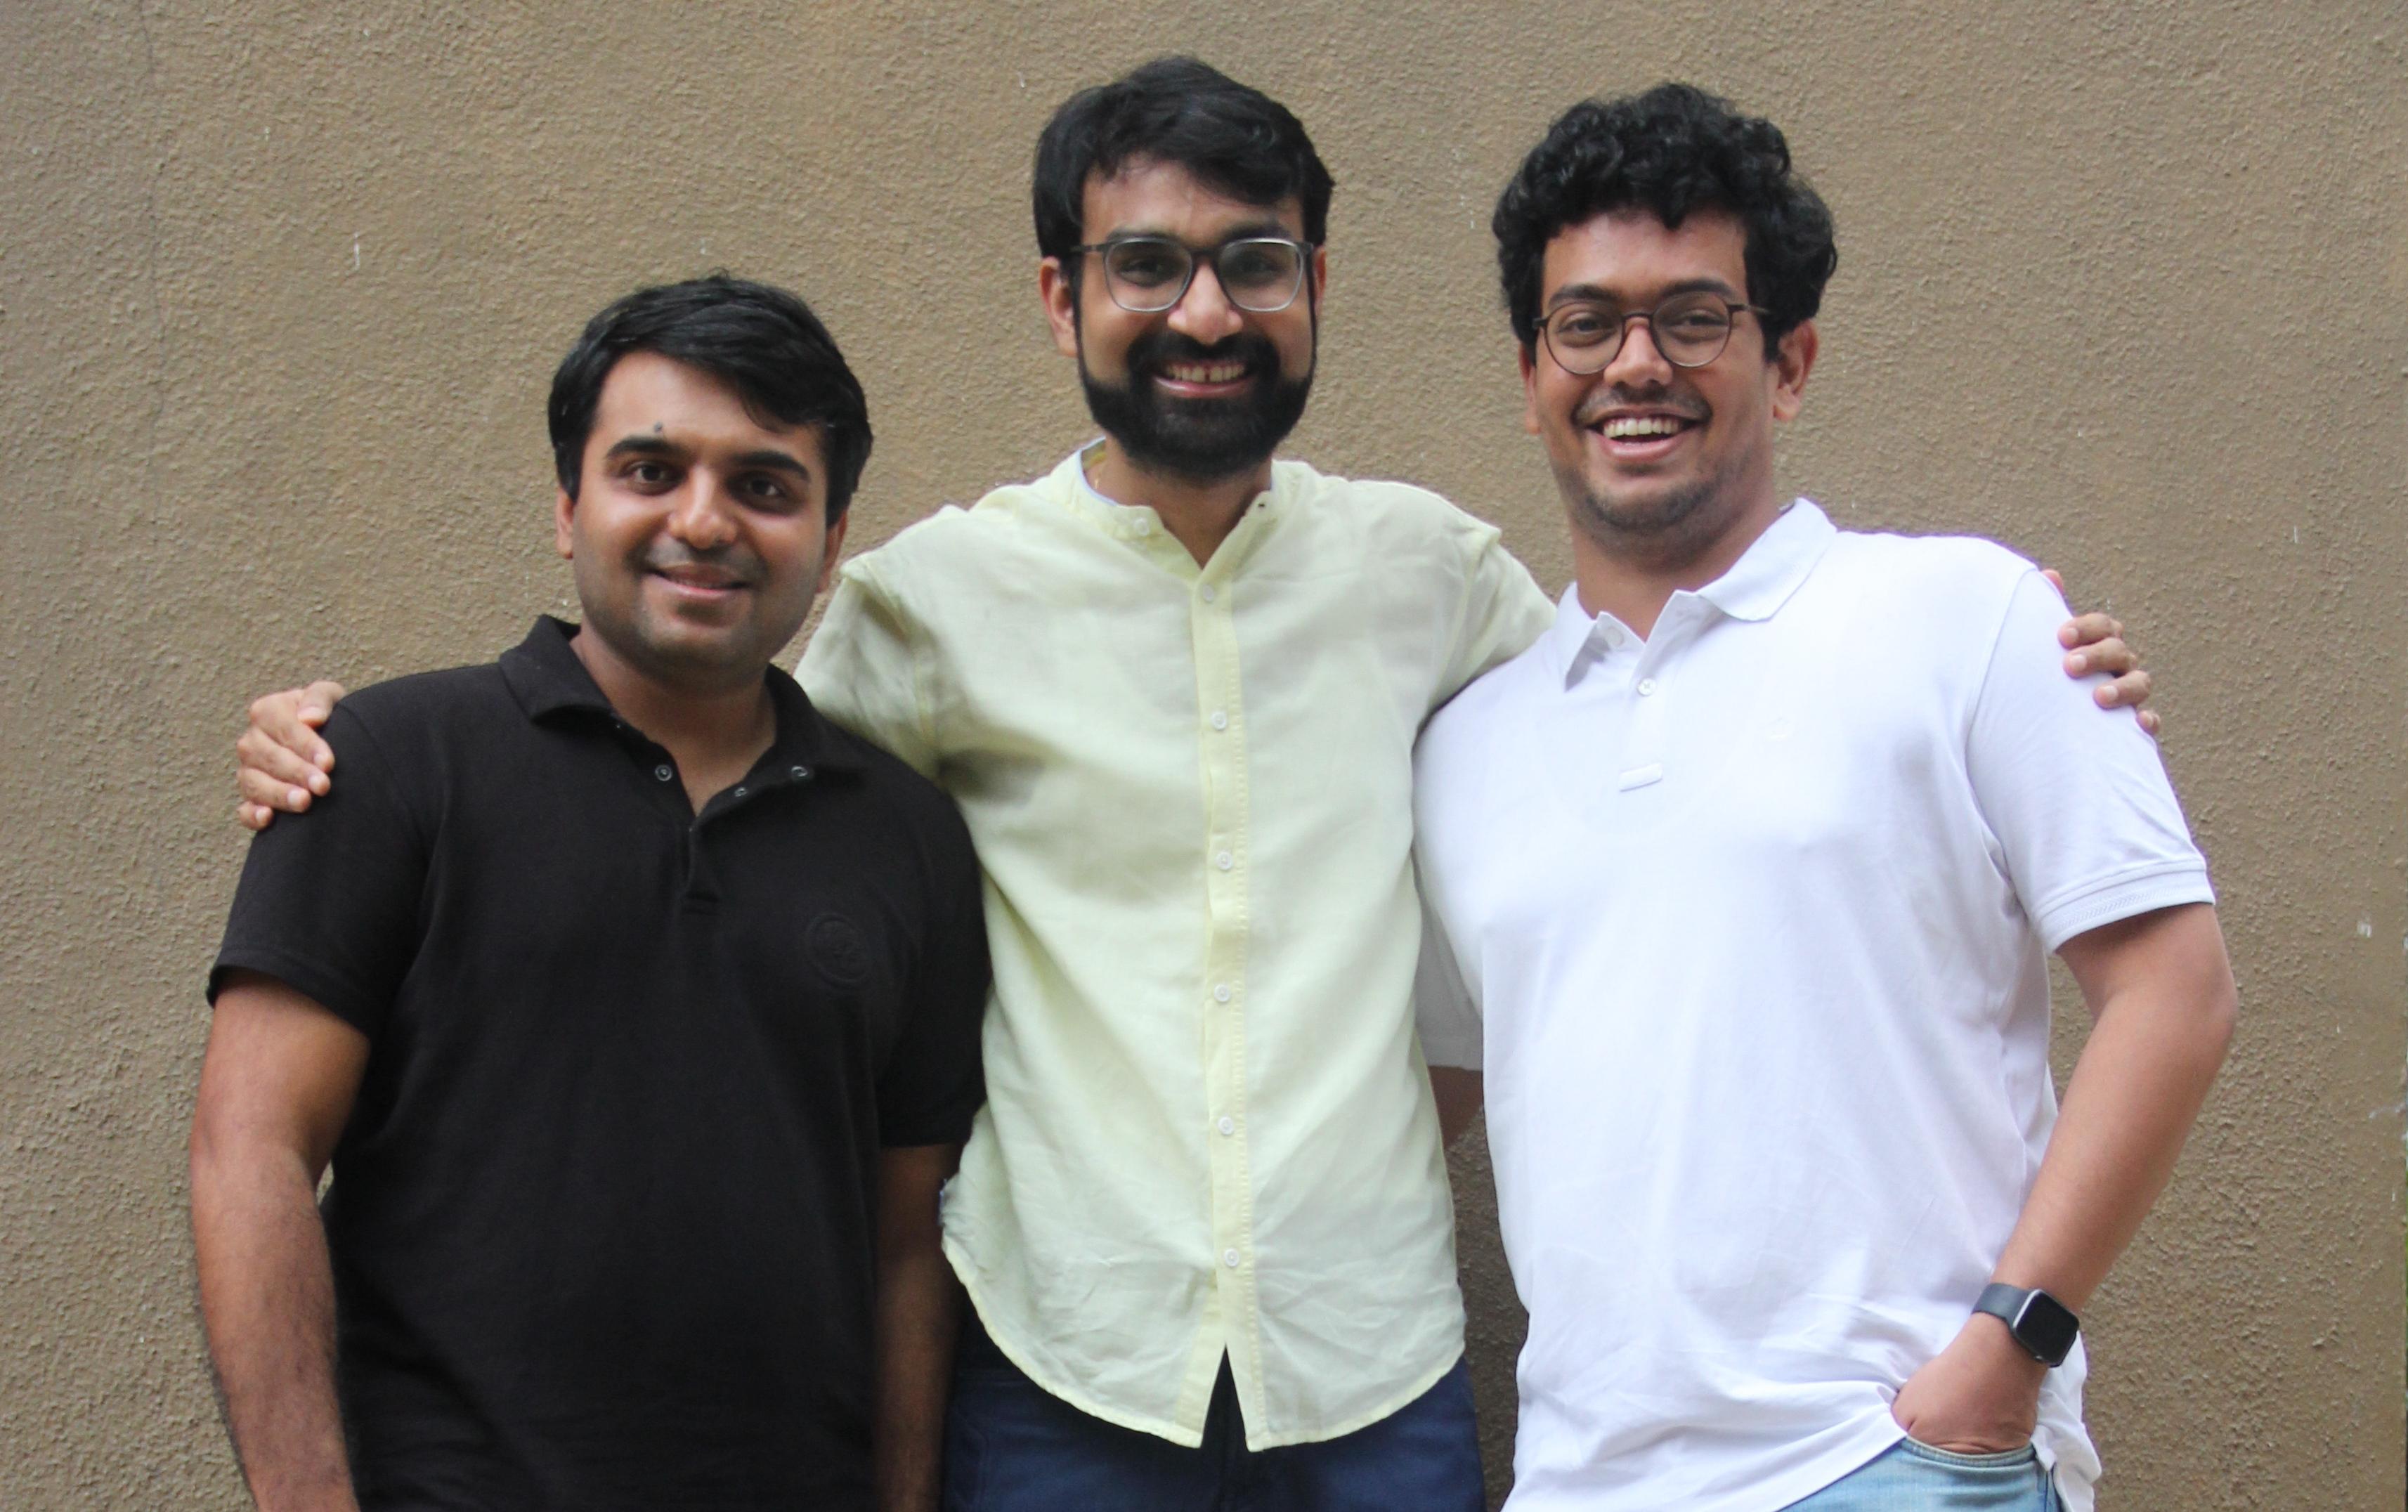 A group photo of BuyerAssist founders Shyam HN, Amit Dugar and Shankar Ganapathy